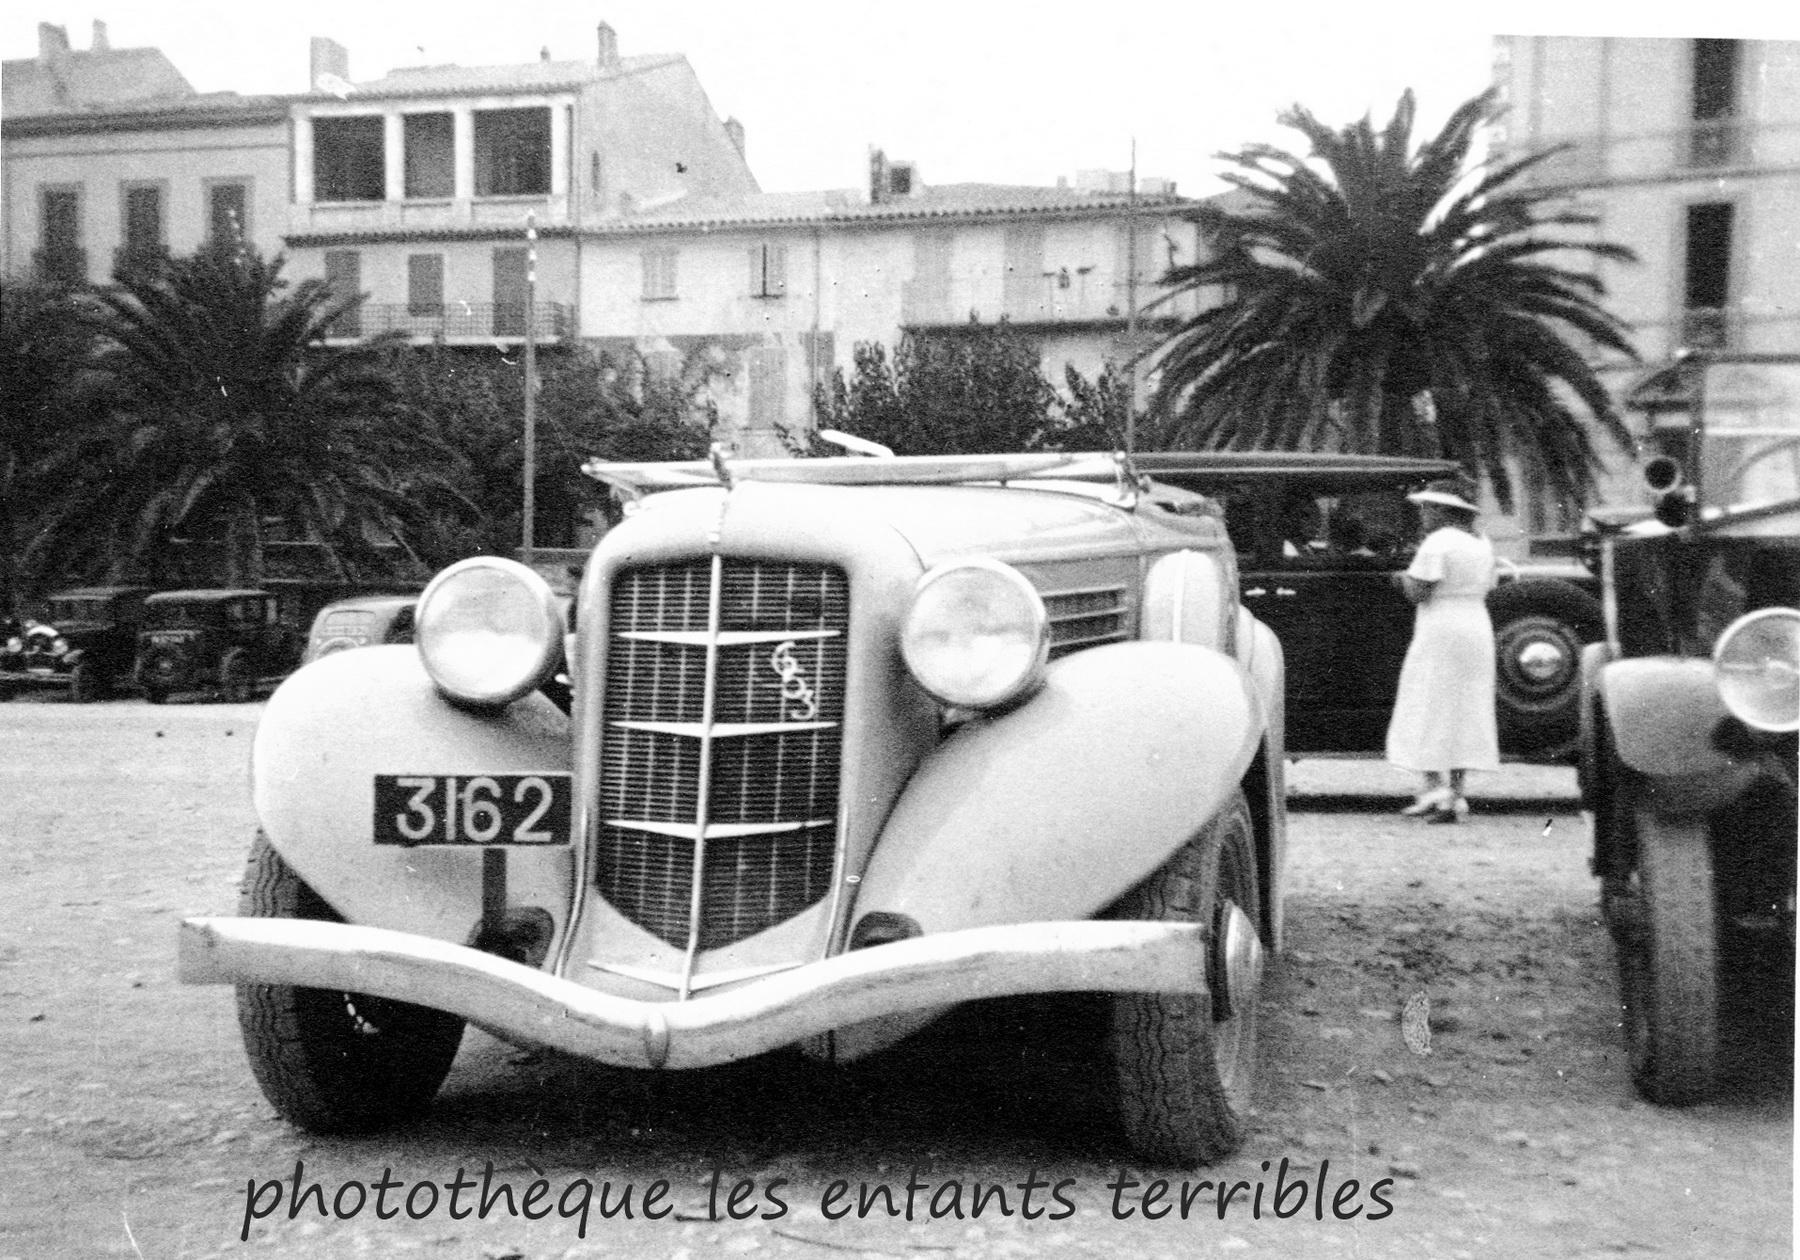 (Guad 20s-52)_3162 1930s Auburn.jec.jpg